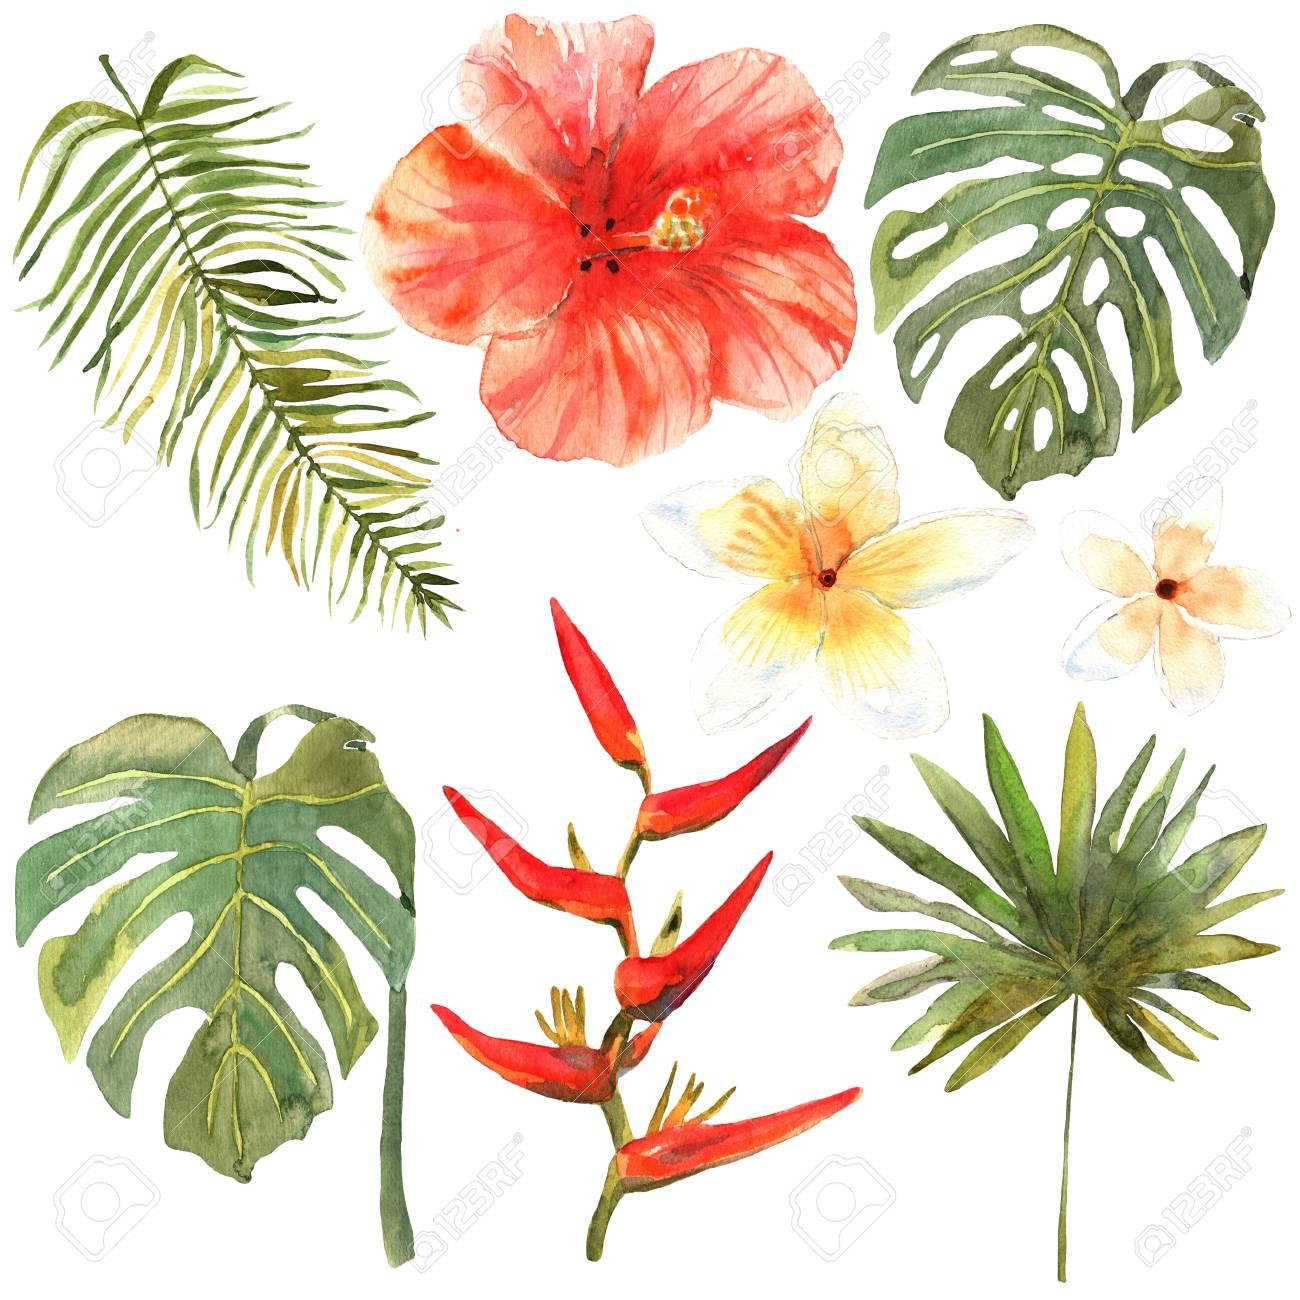 Conjunto Floral Coleccion Con Hojas Y Flores Tropicales Dibujo